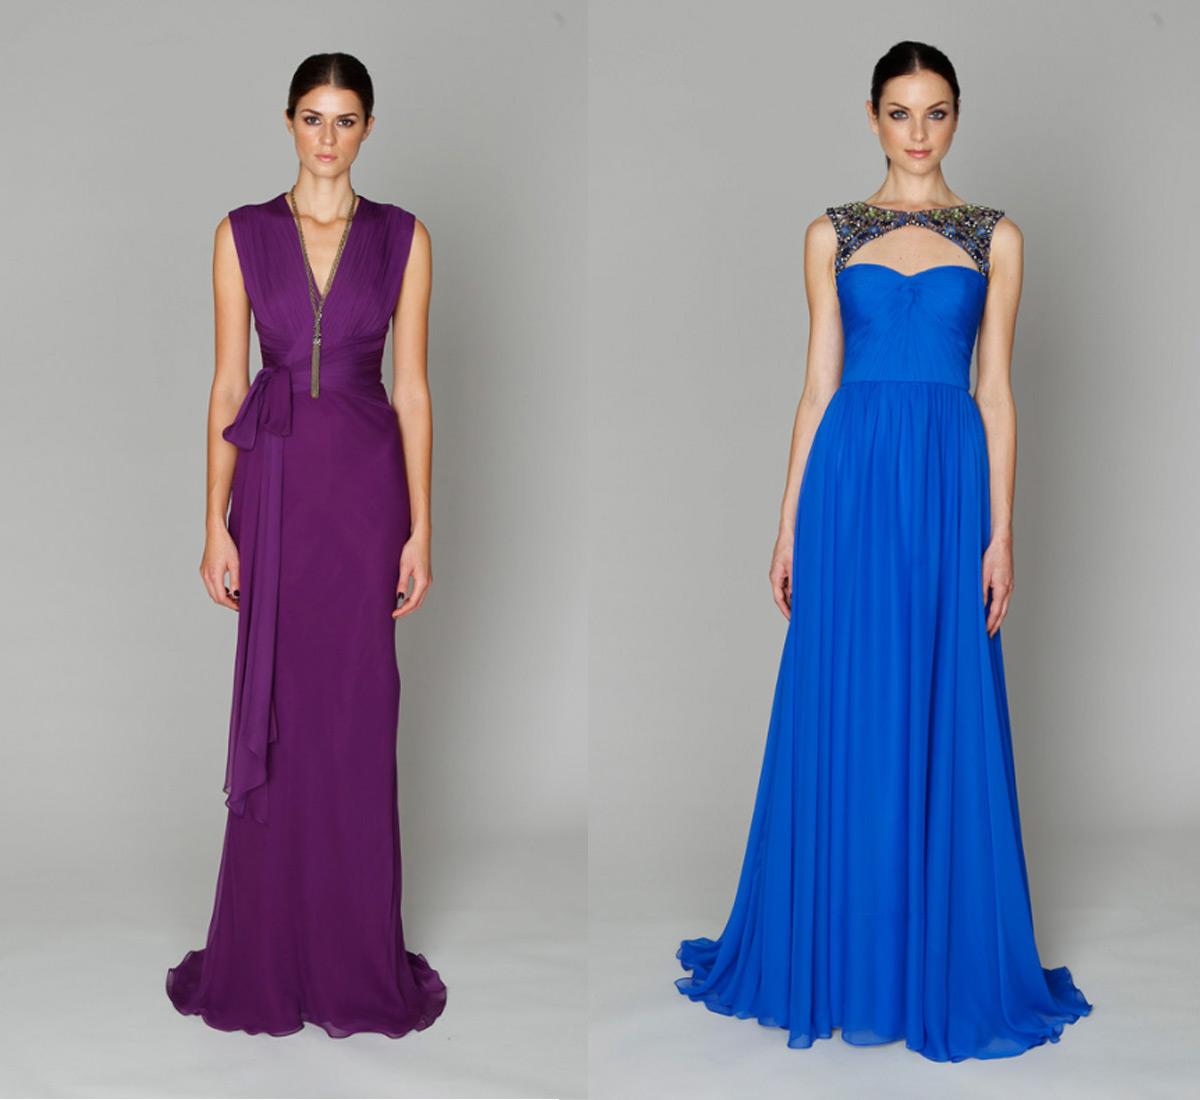 http://4.bp.blogspot.com/-qxBRCRsWqK8/Tb7NadNsKRI/AAAAAAAAAV0/JiPWVXeqPYA/s1600/Monique+Lhuillier+Pre+Fall+2011+Maxi+Dresses.jpg